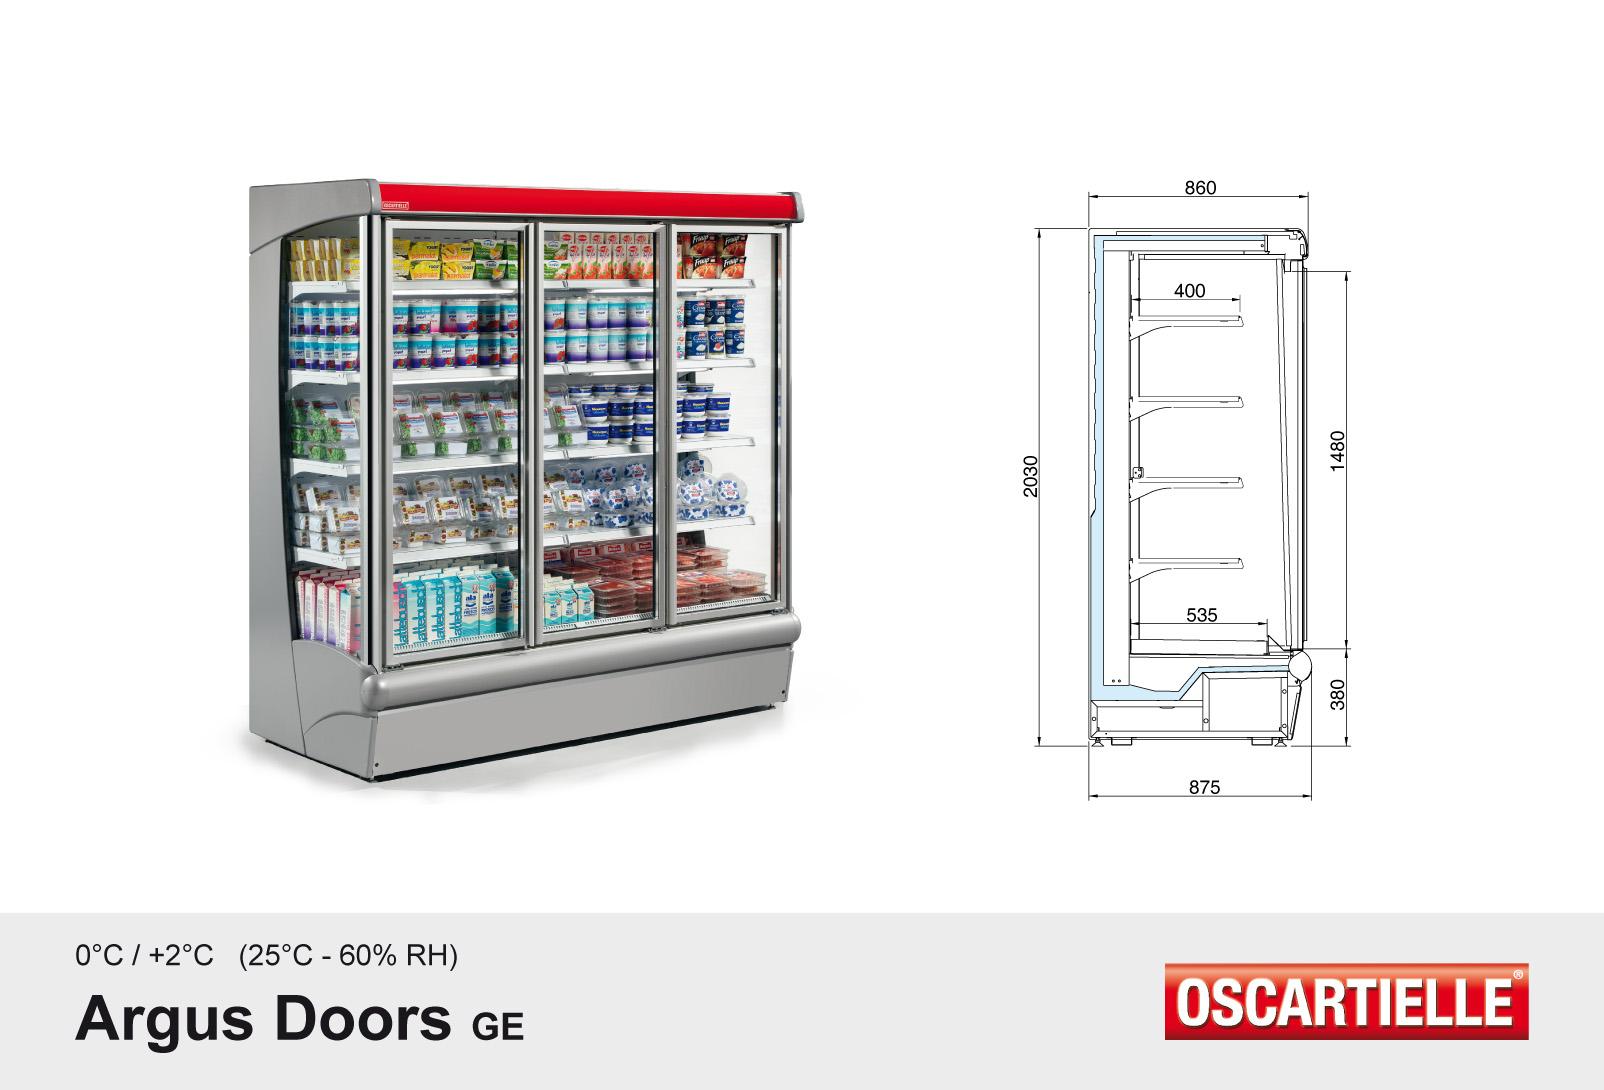 Argus Doors voor koelgroep op afstand